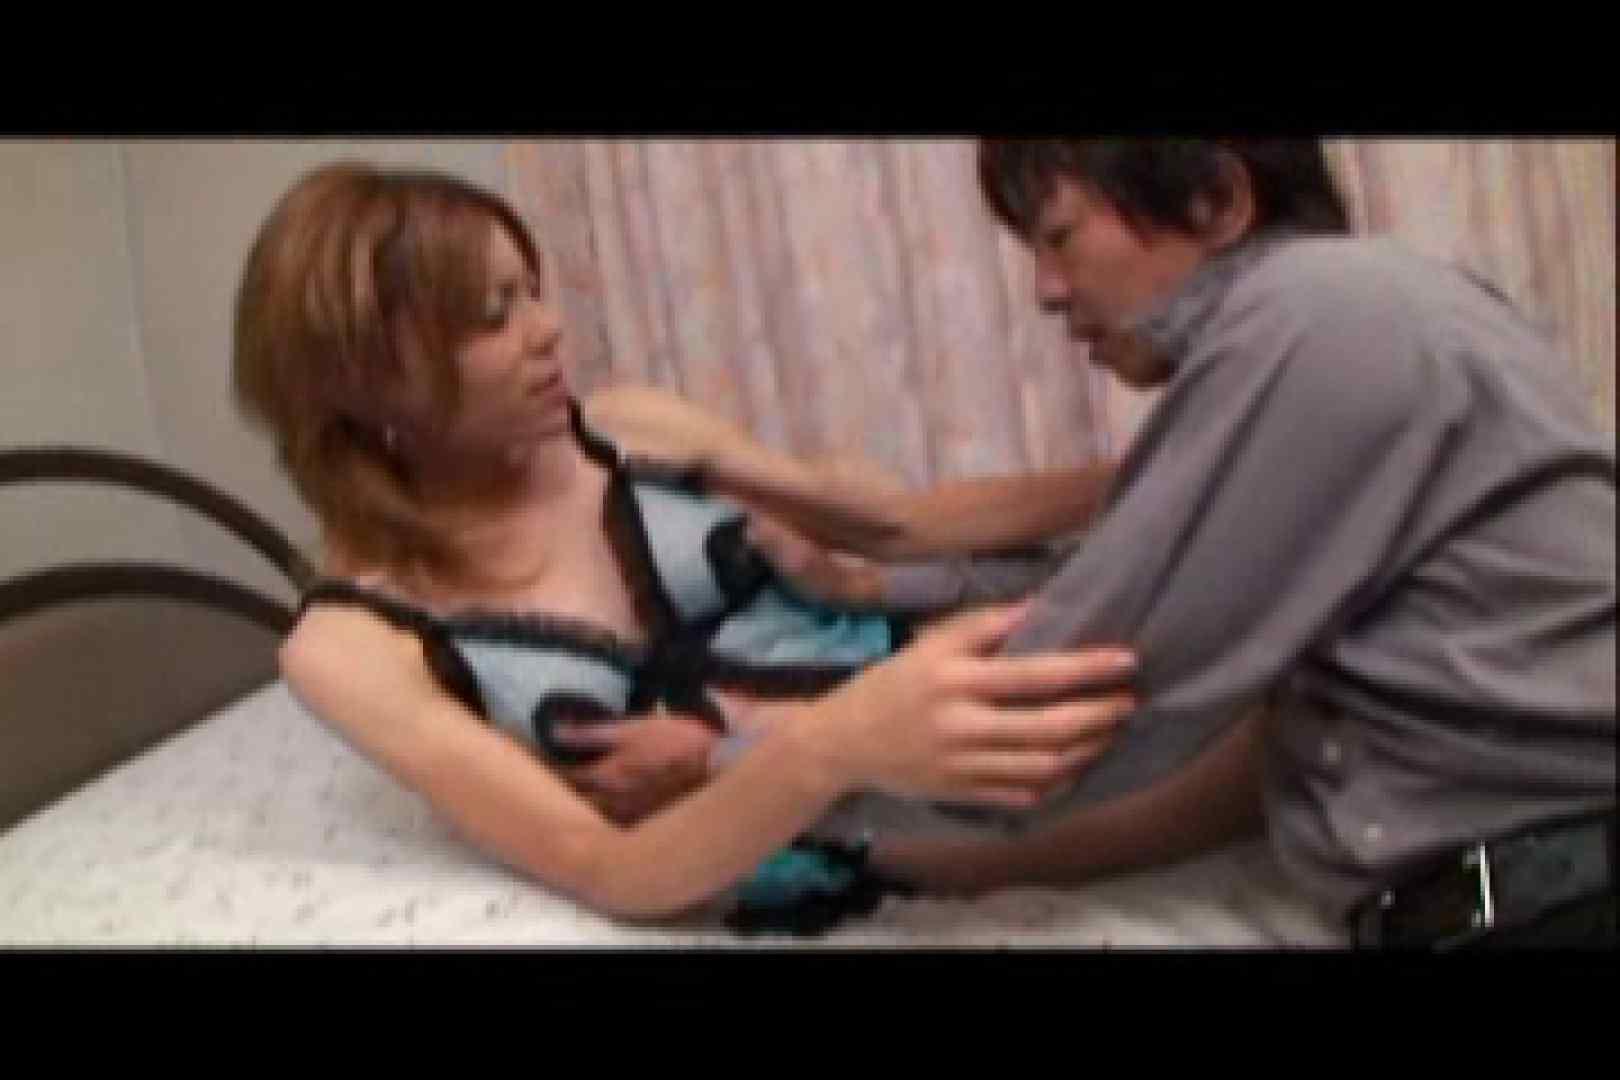 出張ホストをいただきます!vol.1 アナル舐め ゲイ無料エロ画像 78pic 29